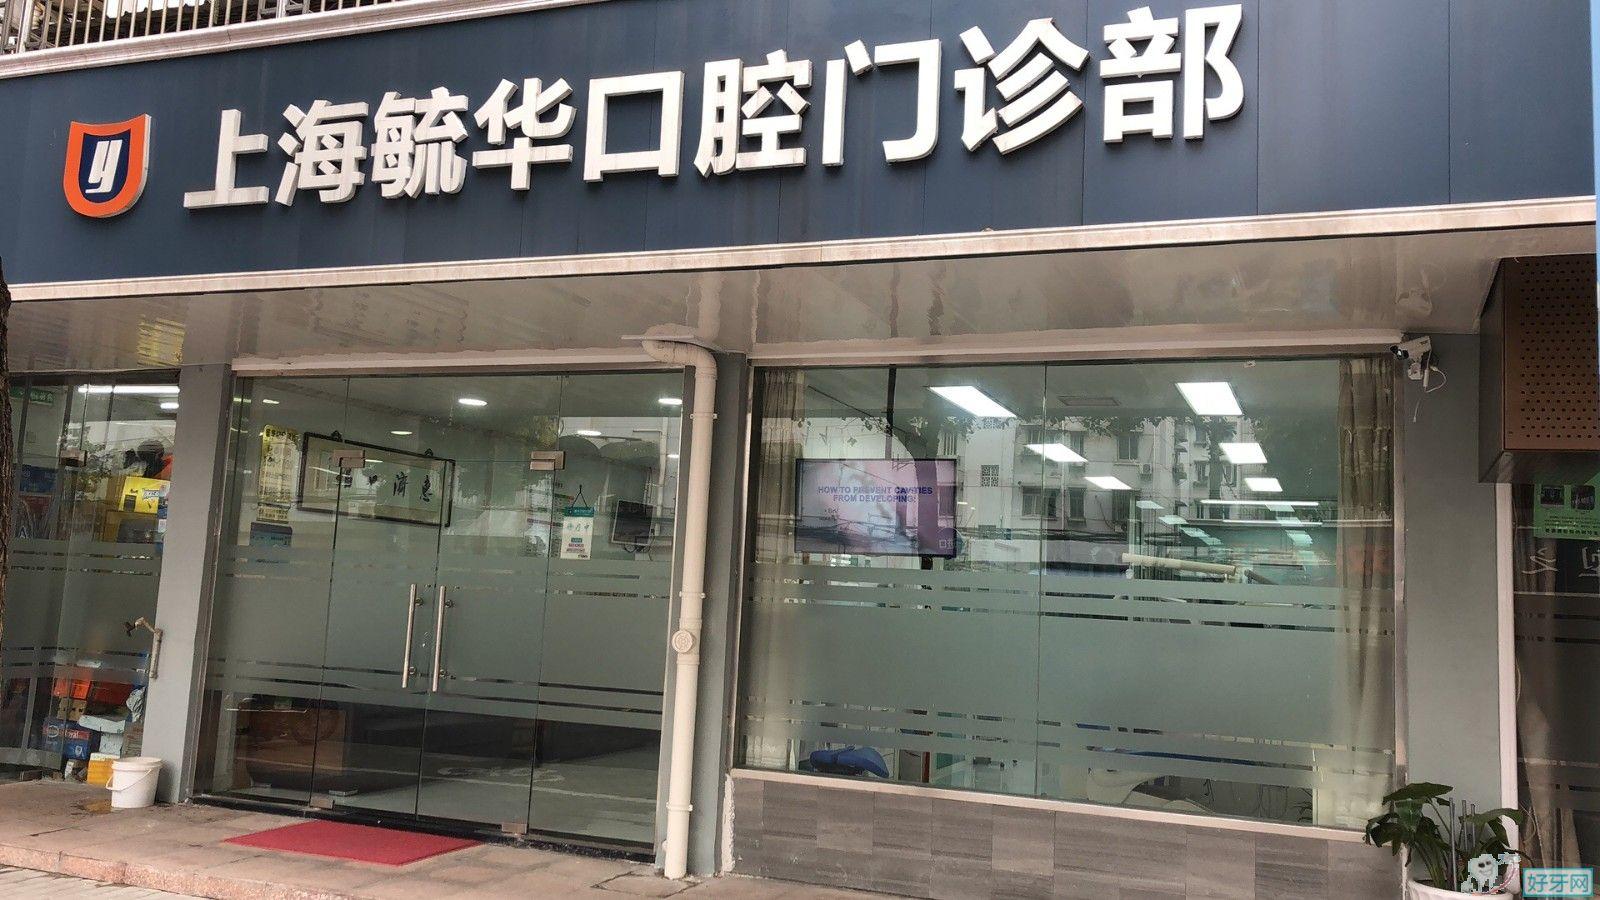 上海市宝山区毓华口腔门诊部